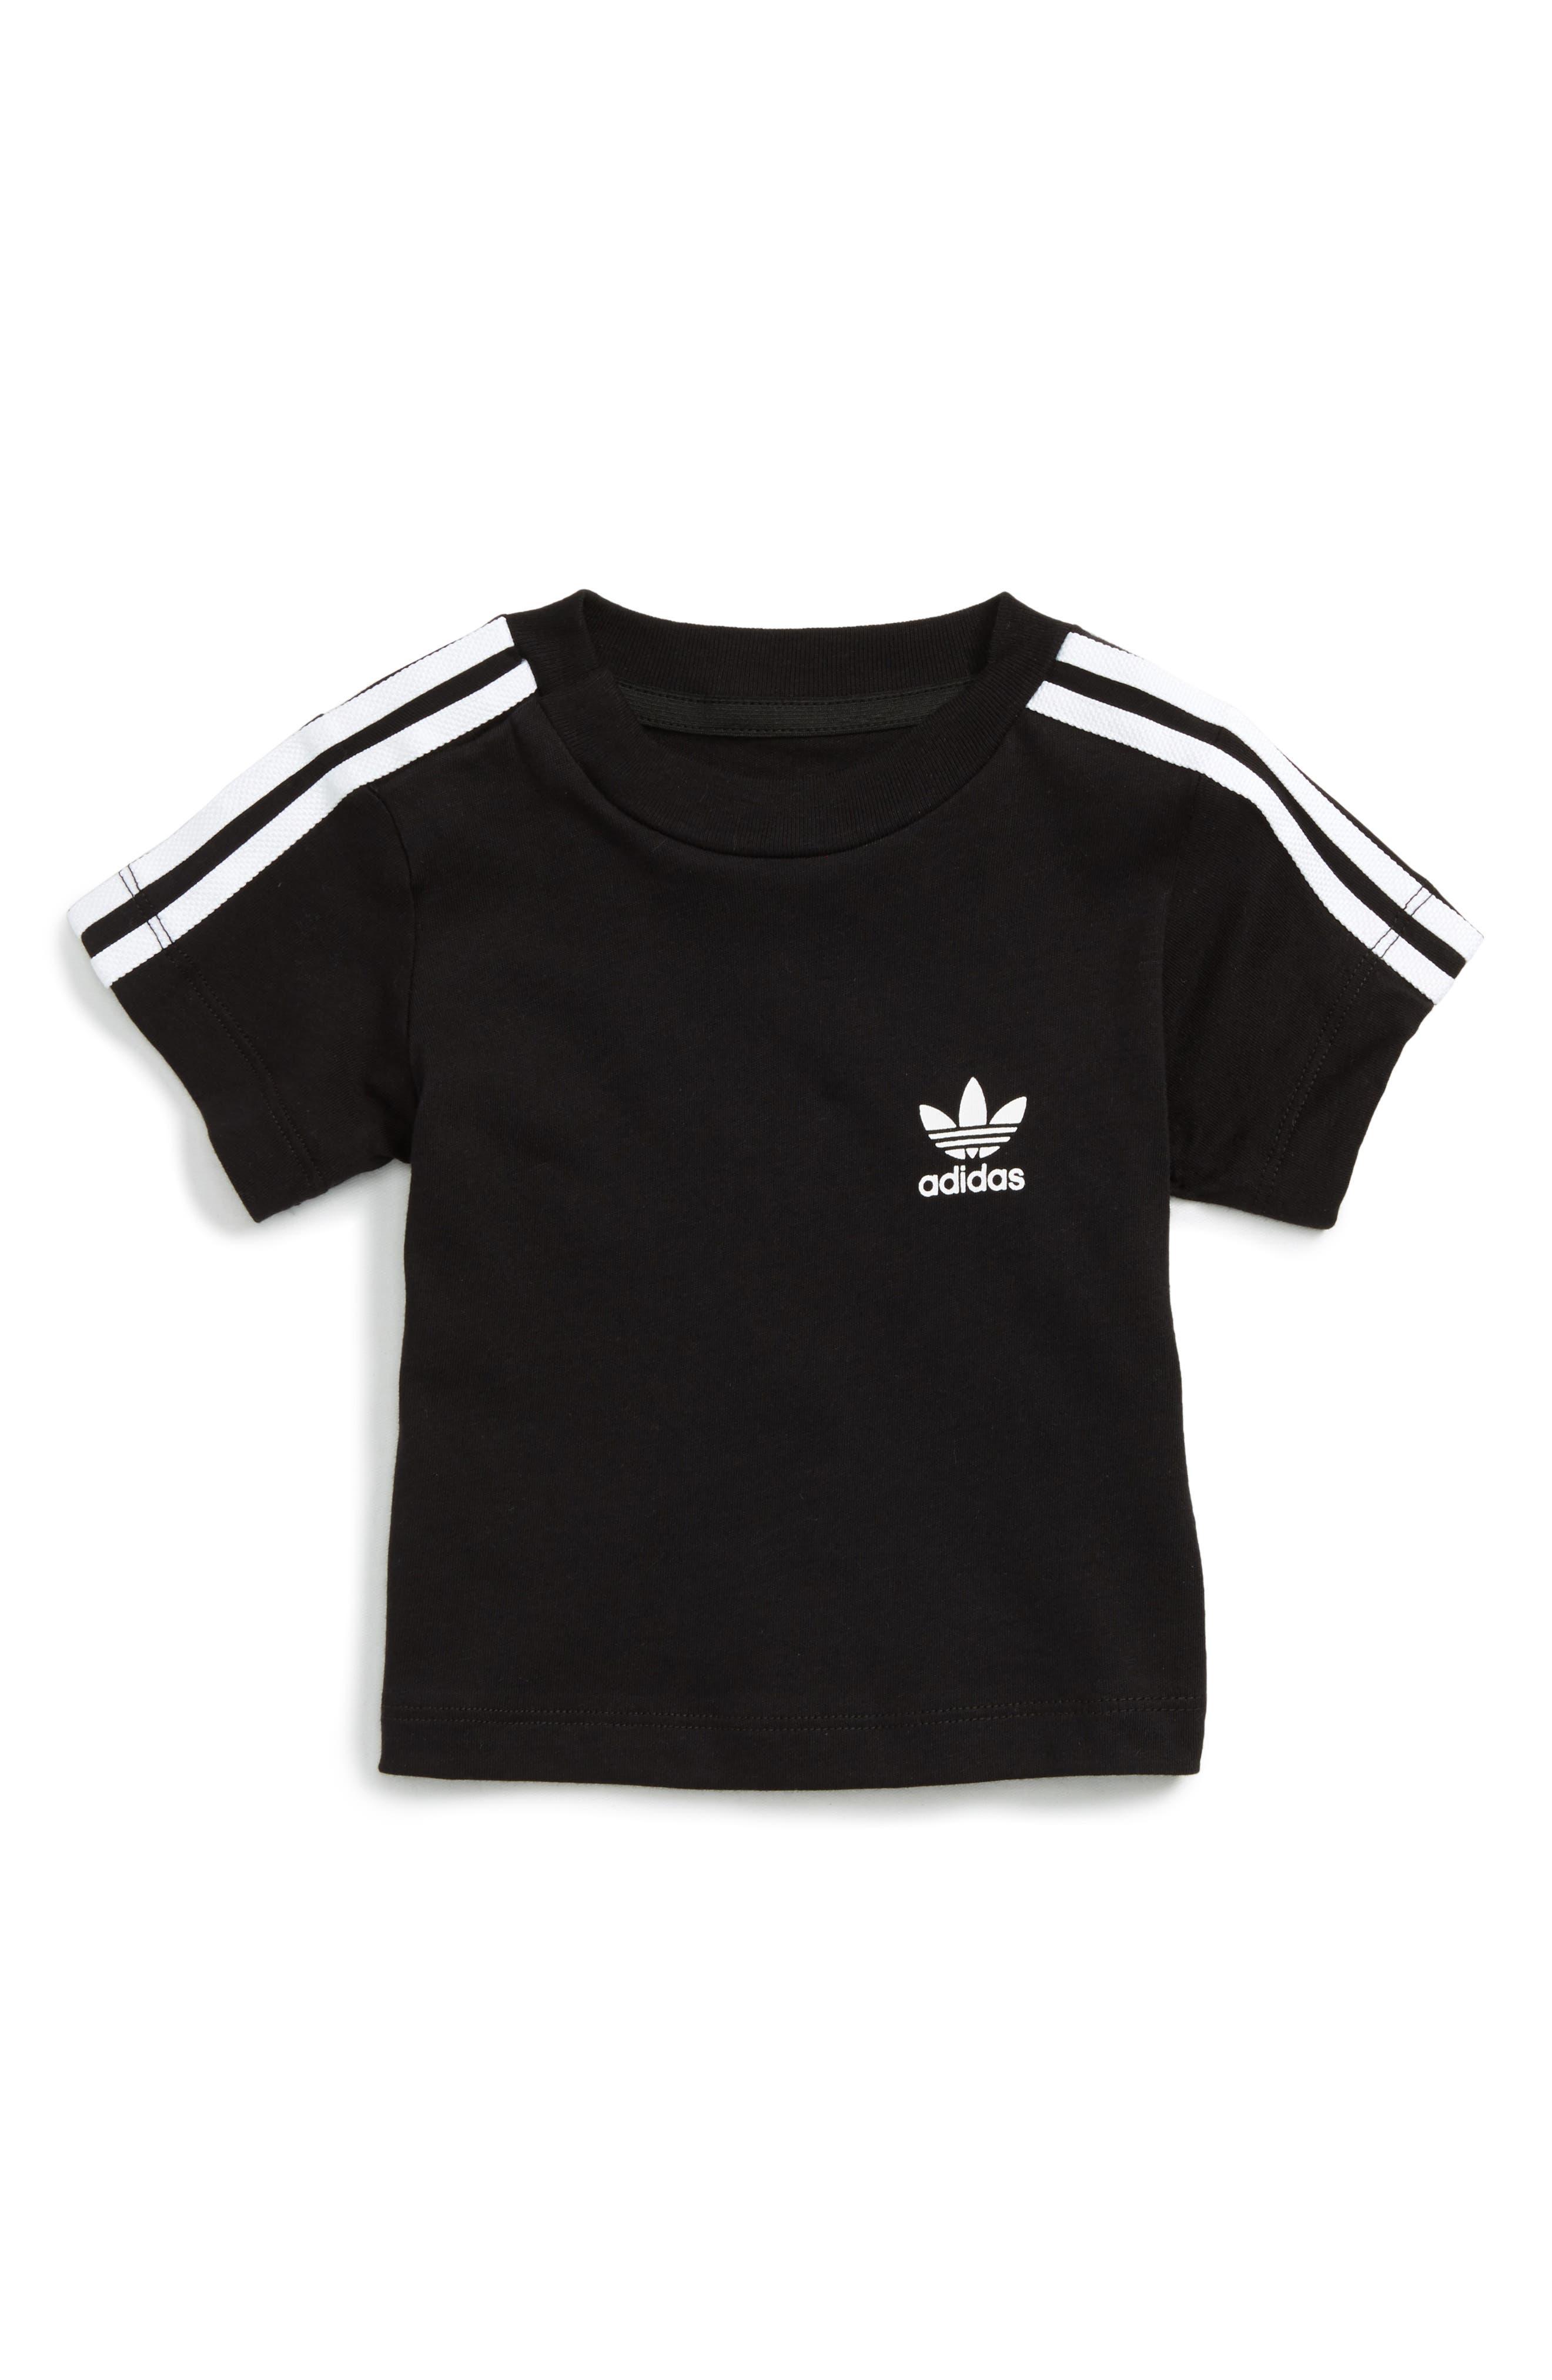 adidas Originals 3-Stripes T-Shirt (Baby Boys)